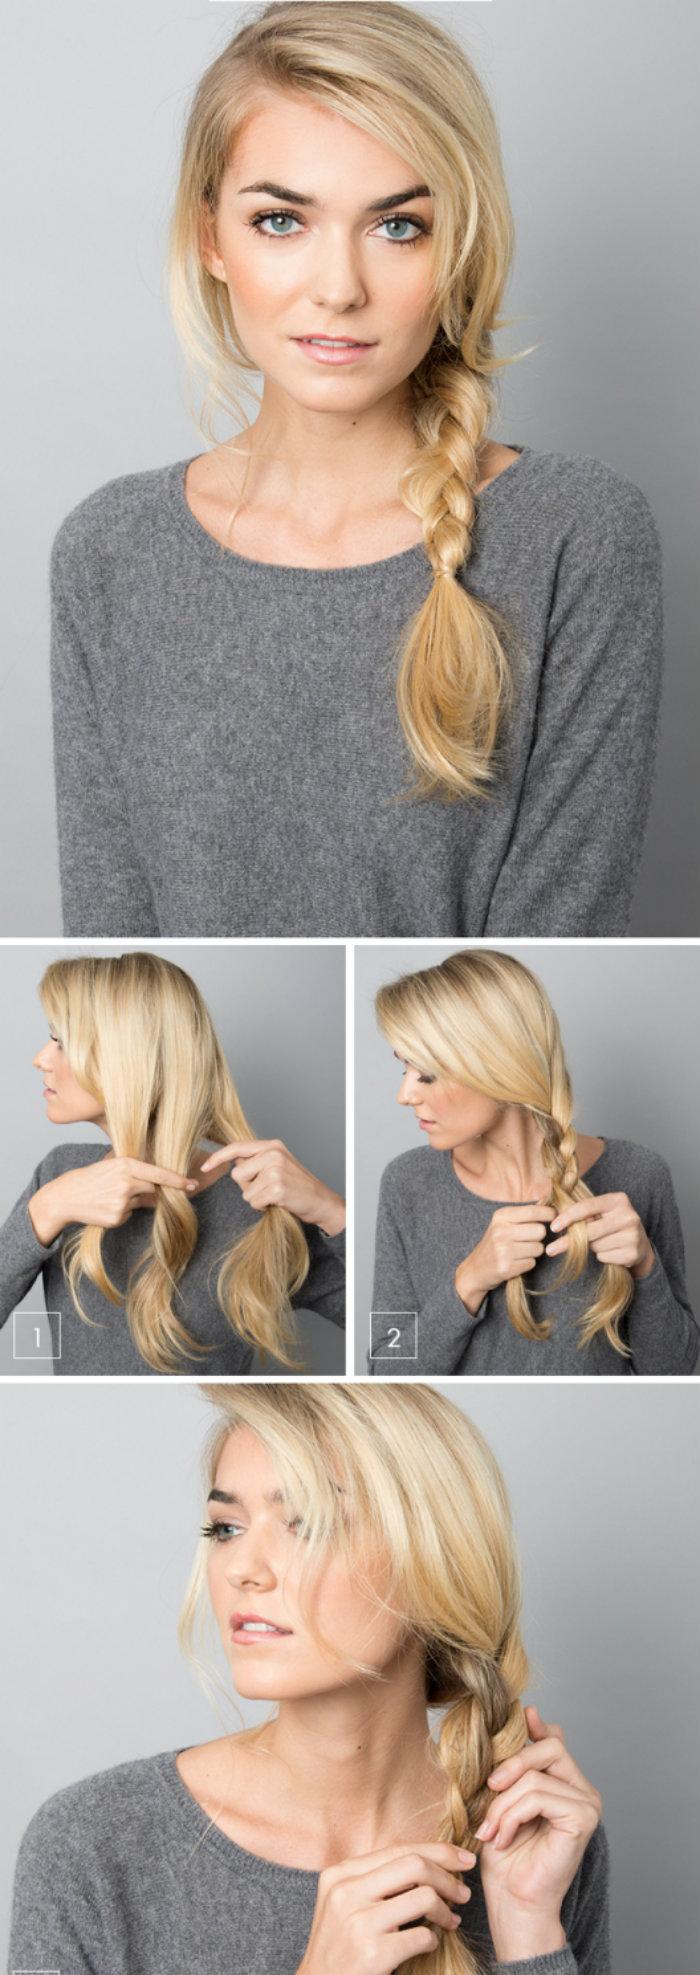 коса на сторону